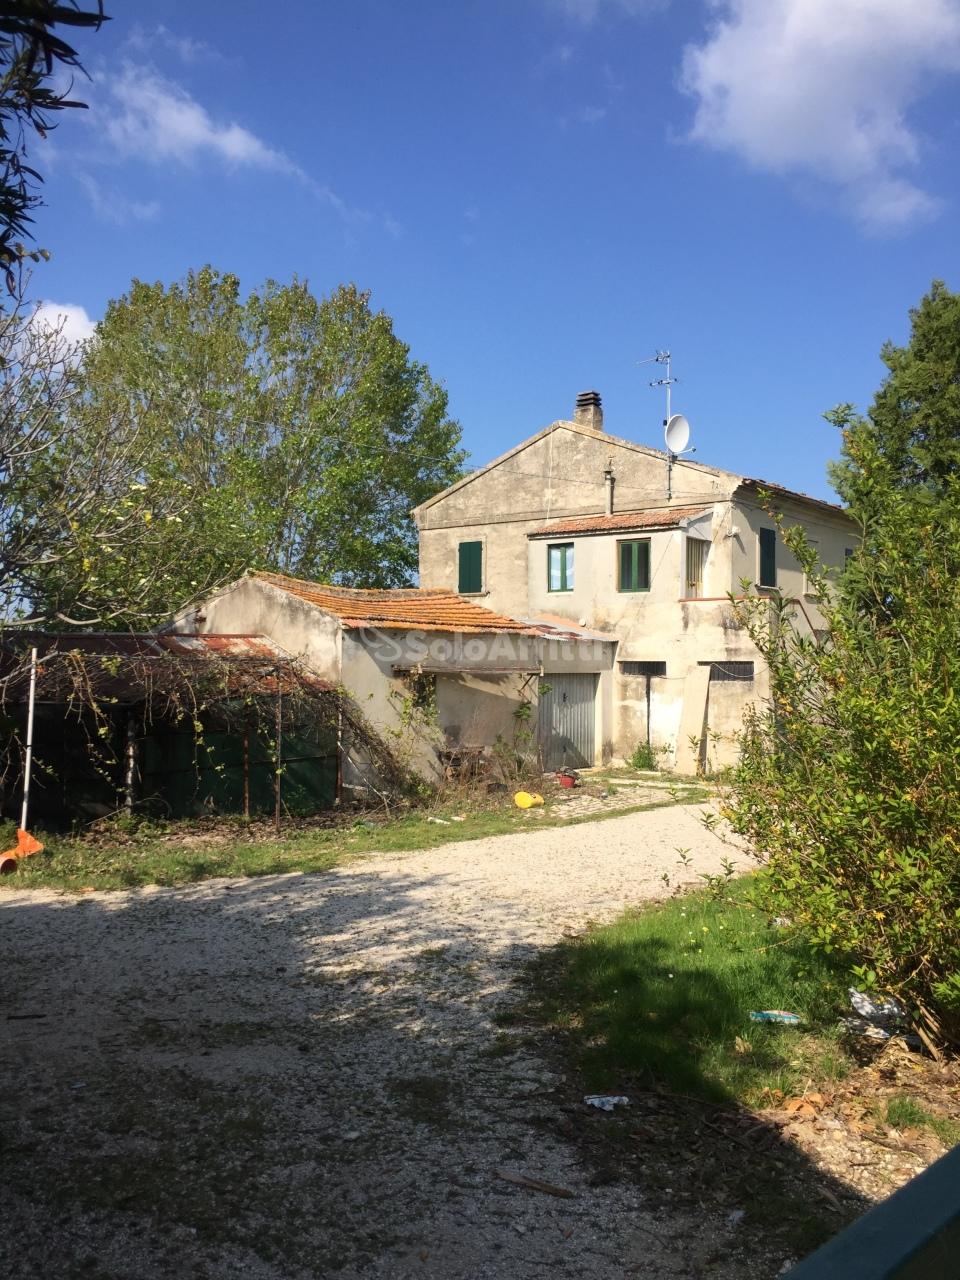 Rustico / Casale in affitto Rif. 10034592